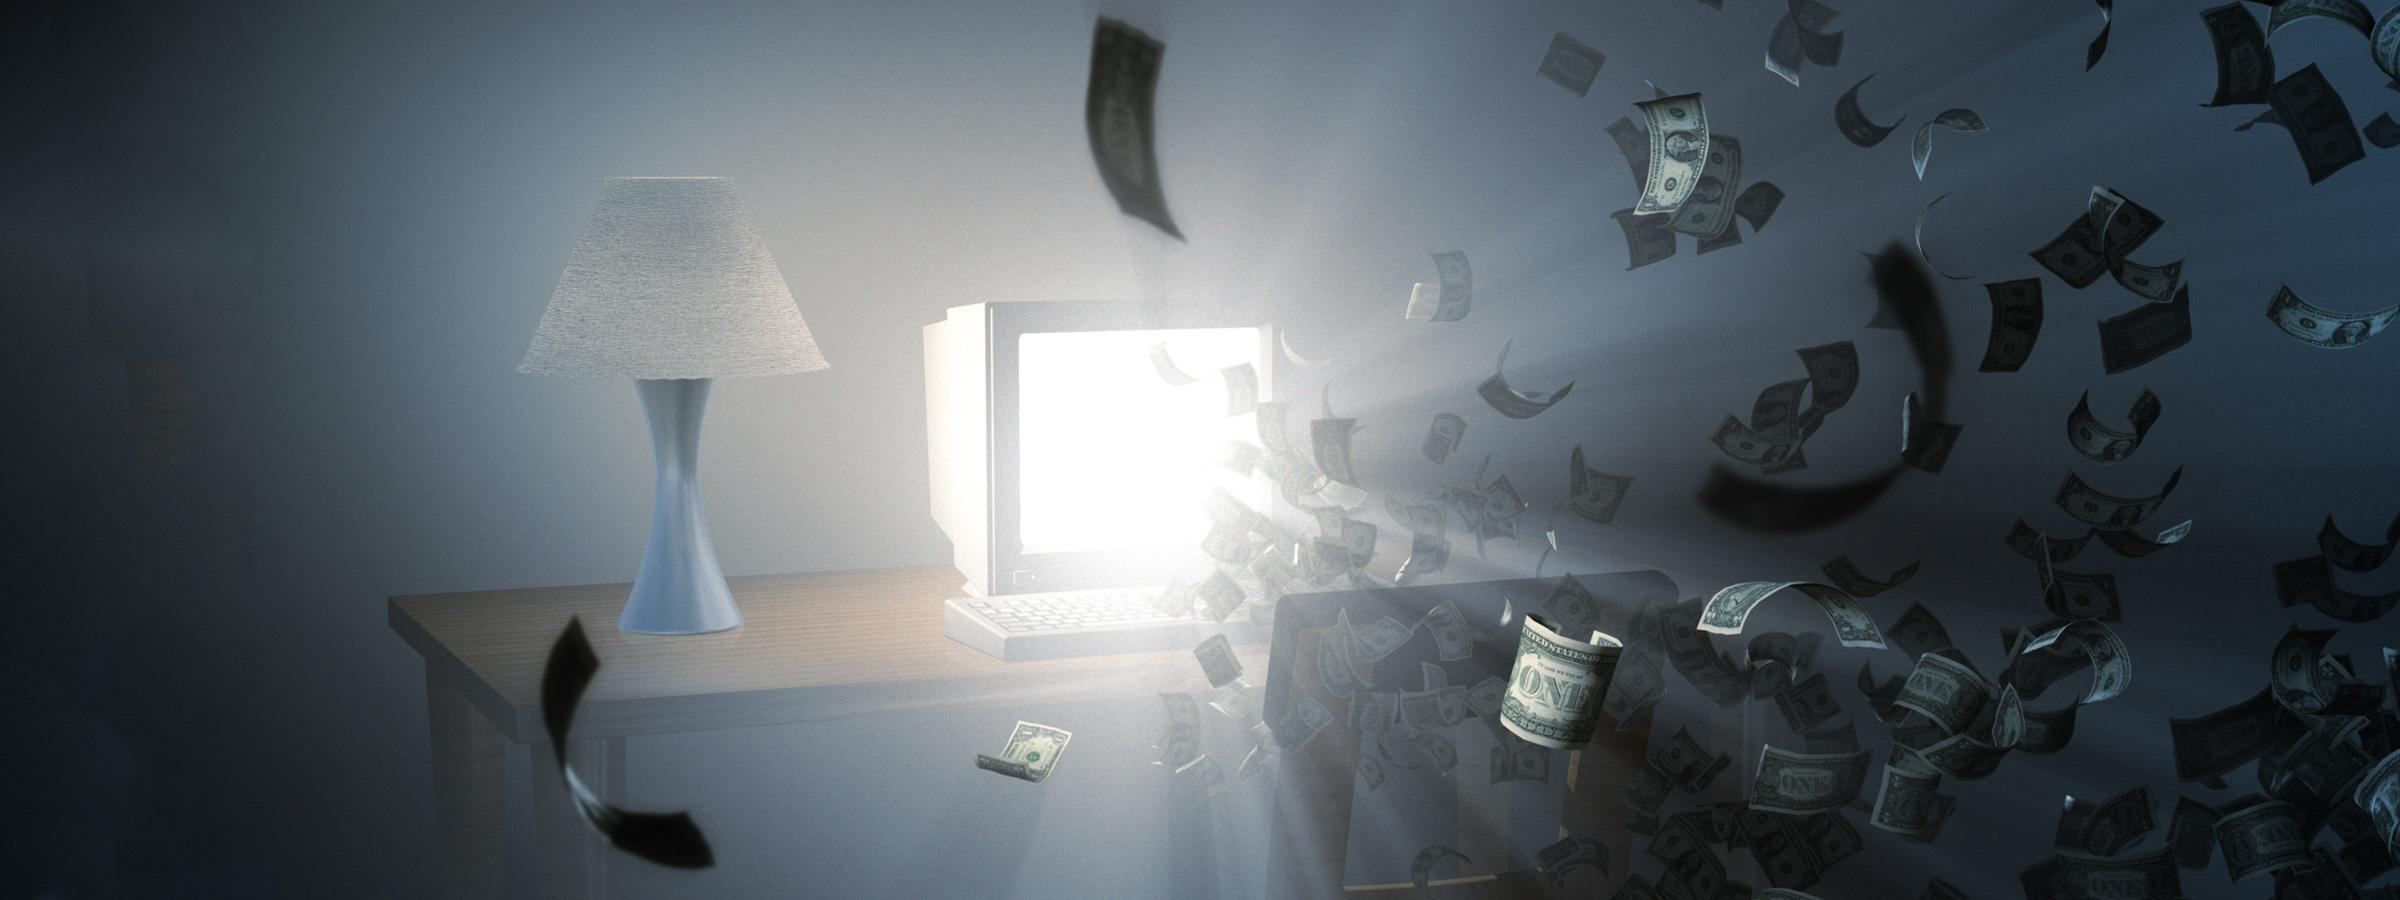 107254-0616_FinancialCasePortals_BHeader